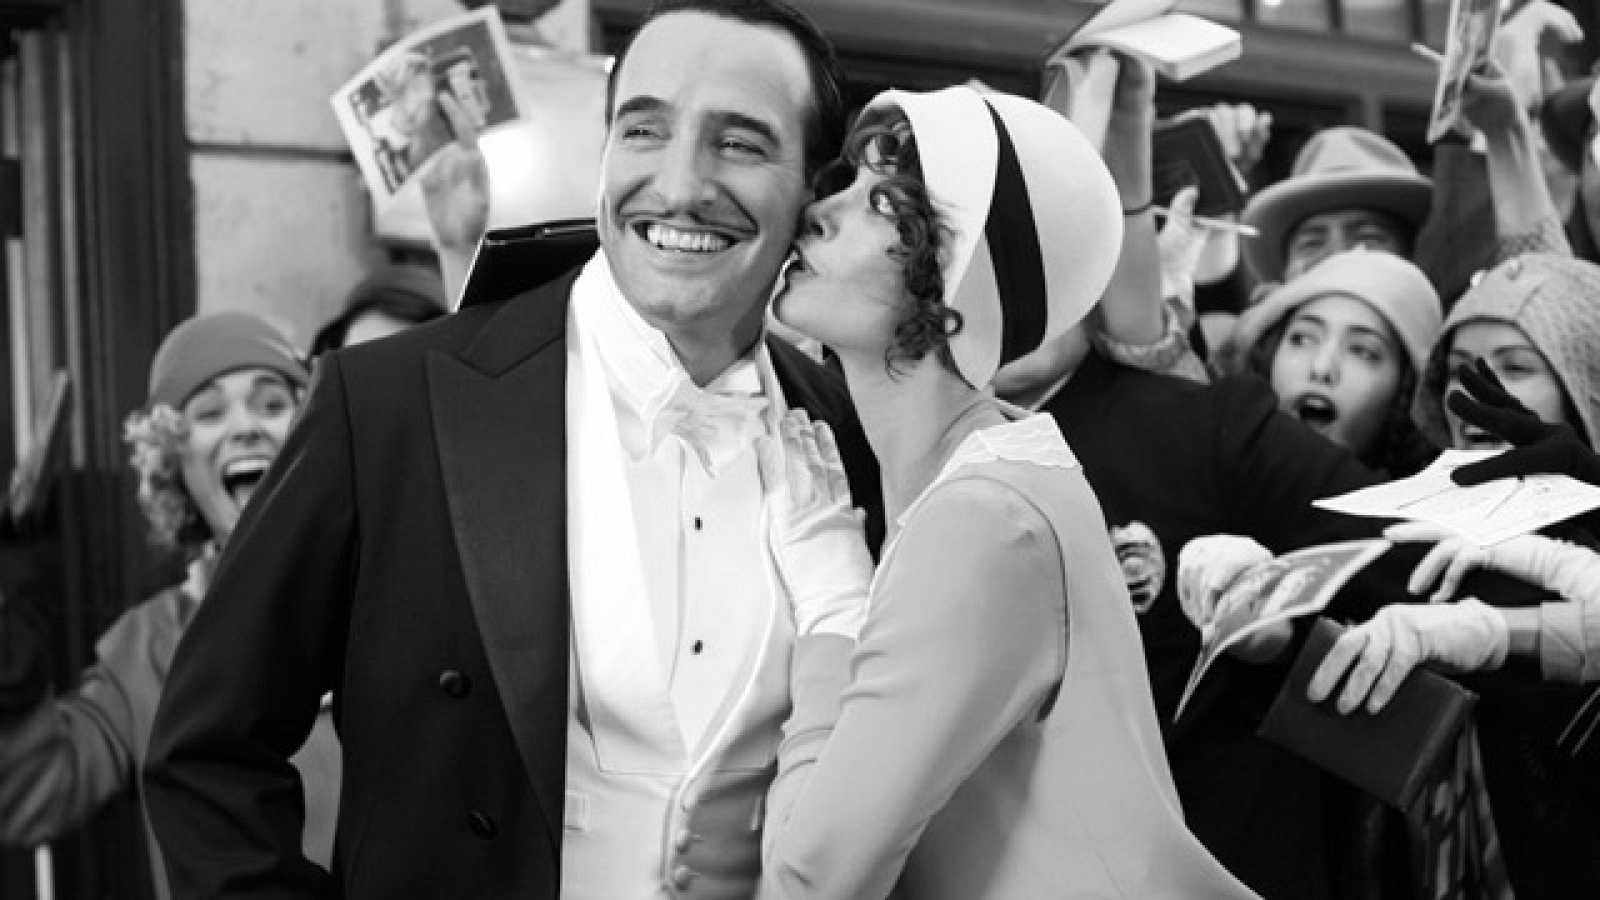 The artist', el maravilloso homenaje de Hazanavicius al cine mudo ...